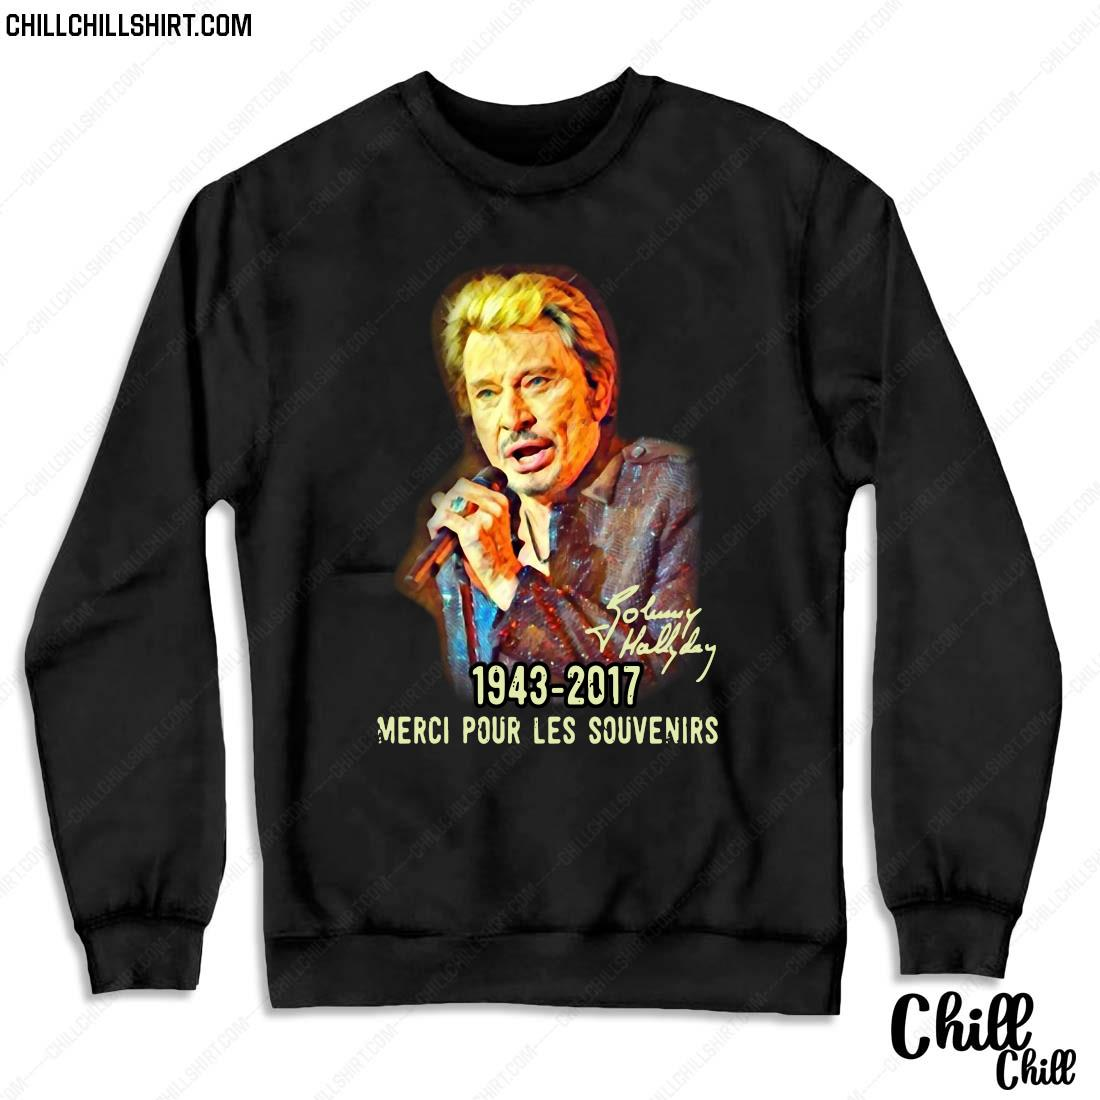 Johnny Hallyday 1943 2017 Merci Pour Les Souvenirs Shirt Sweater